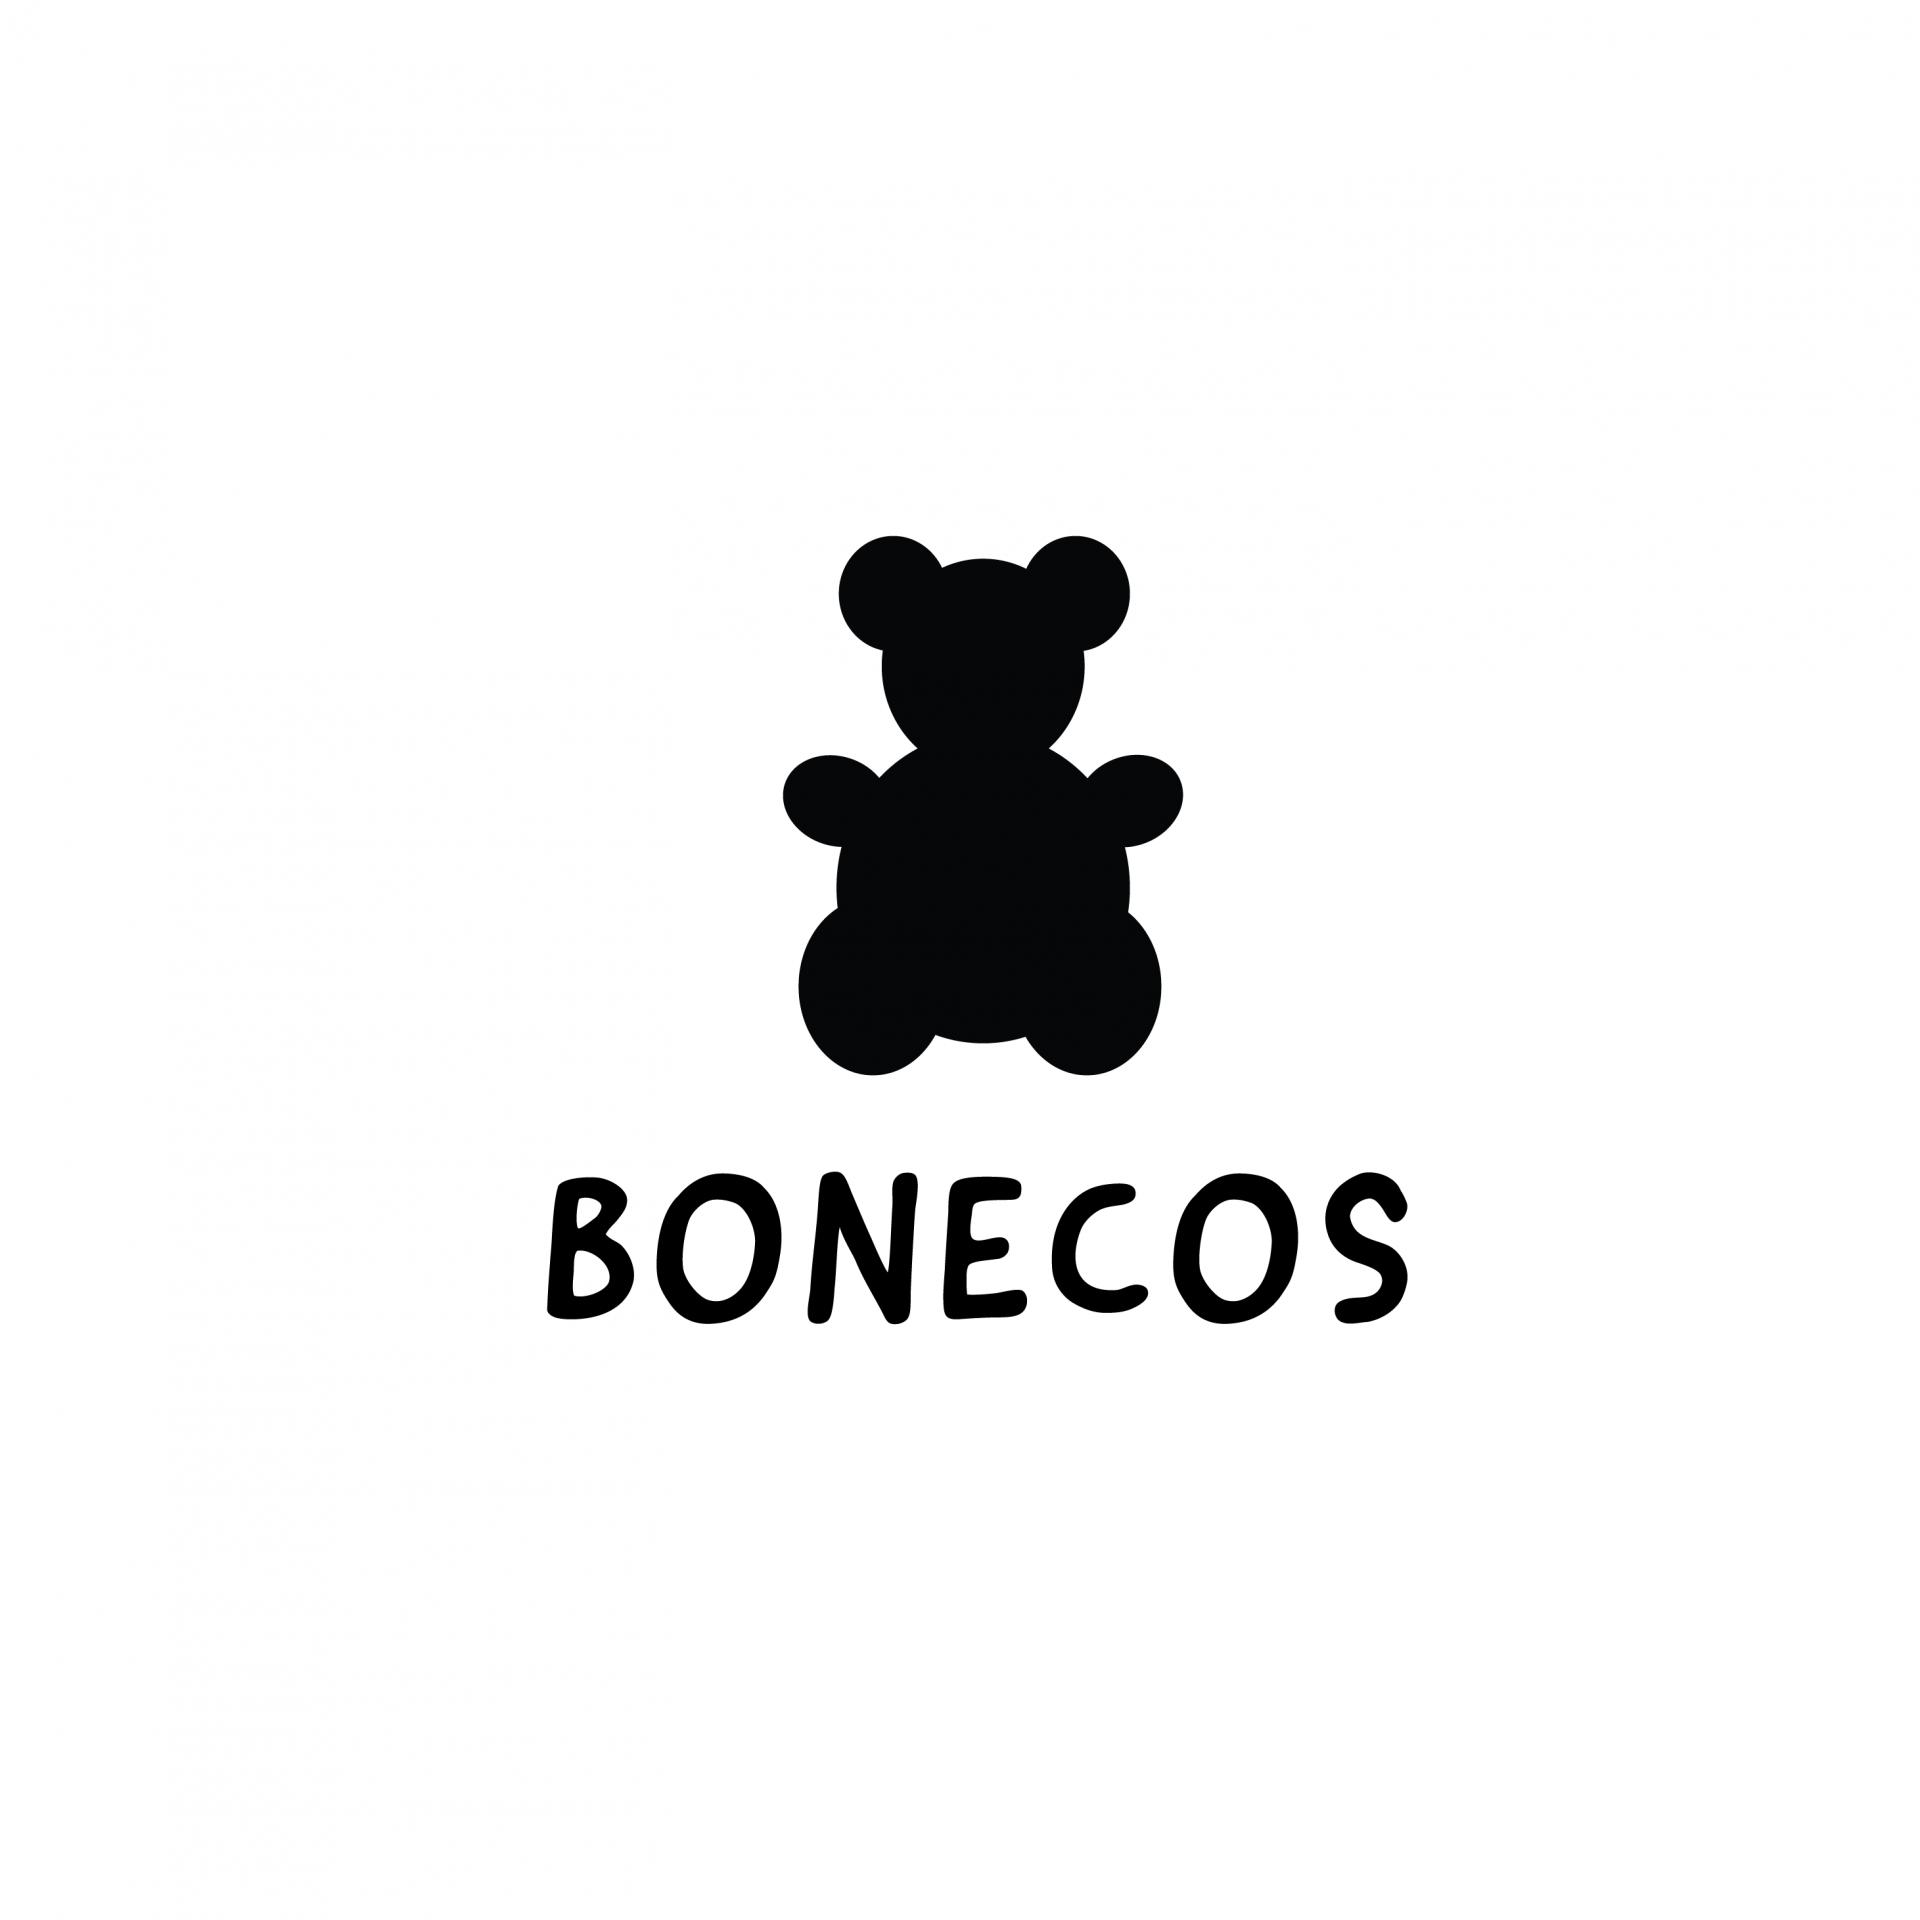 Bonecos 01